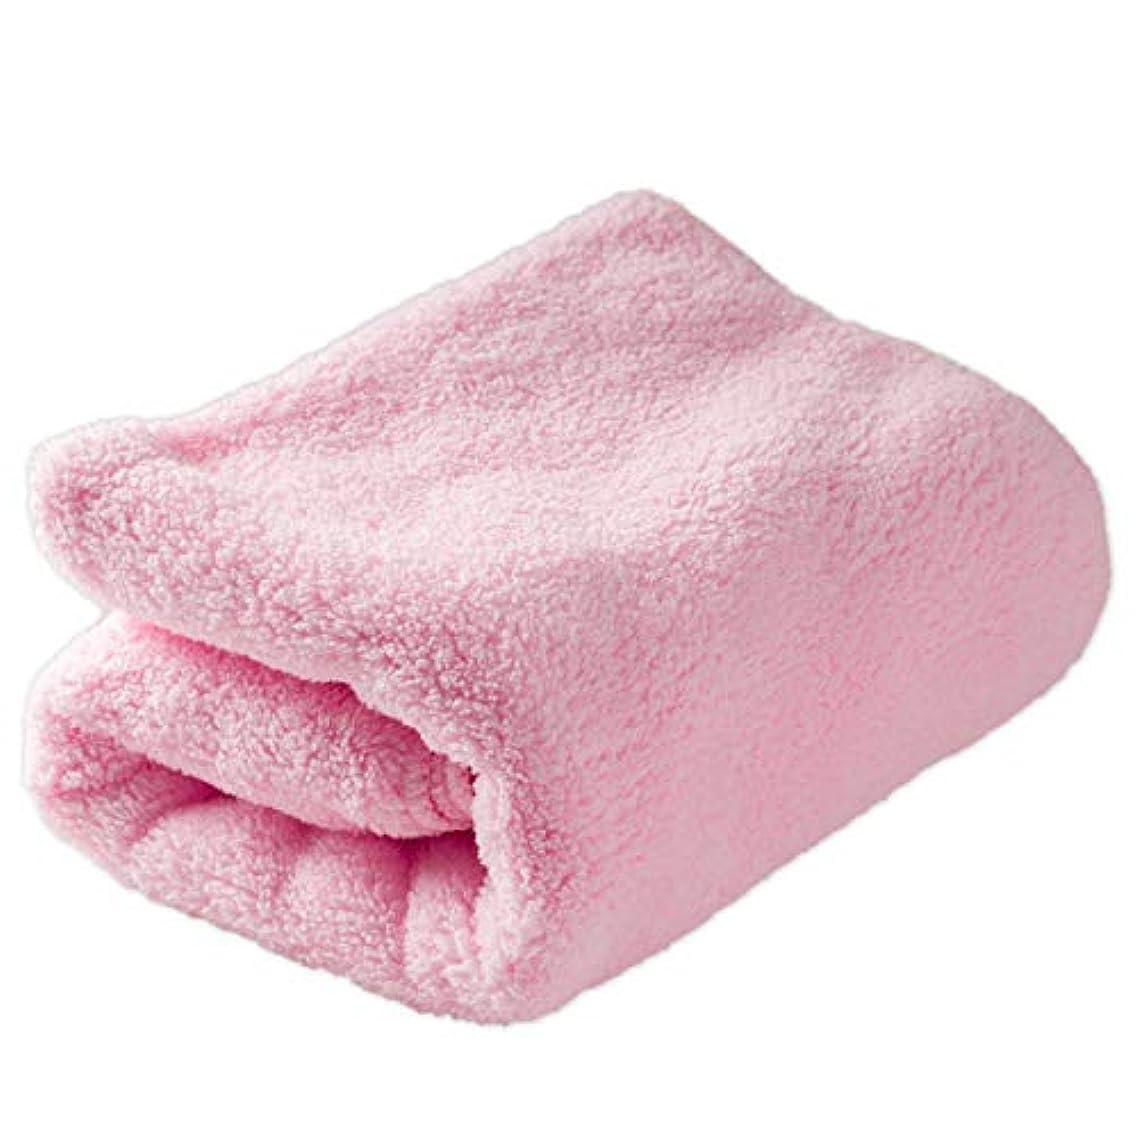 シリーズ明快盗賊システムK タオル 柔らか肌触り 超極細毛 マイクロファイバー 超吸水 ピンク フェイスタオル